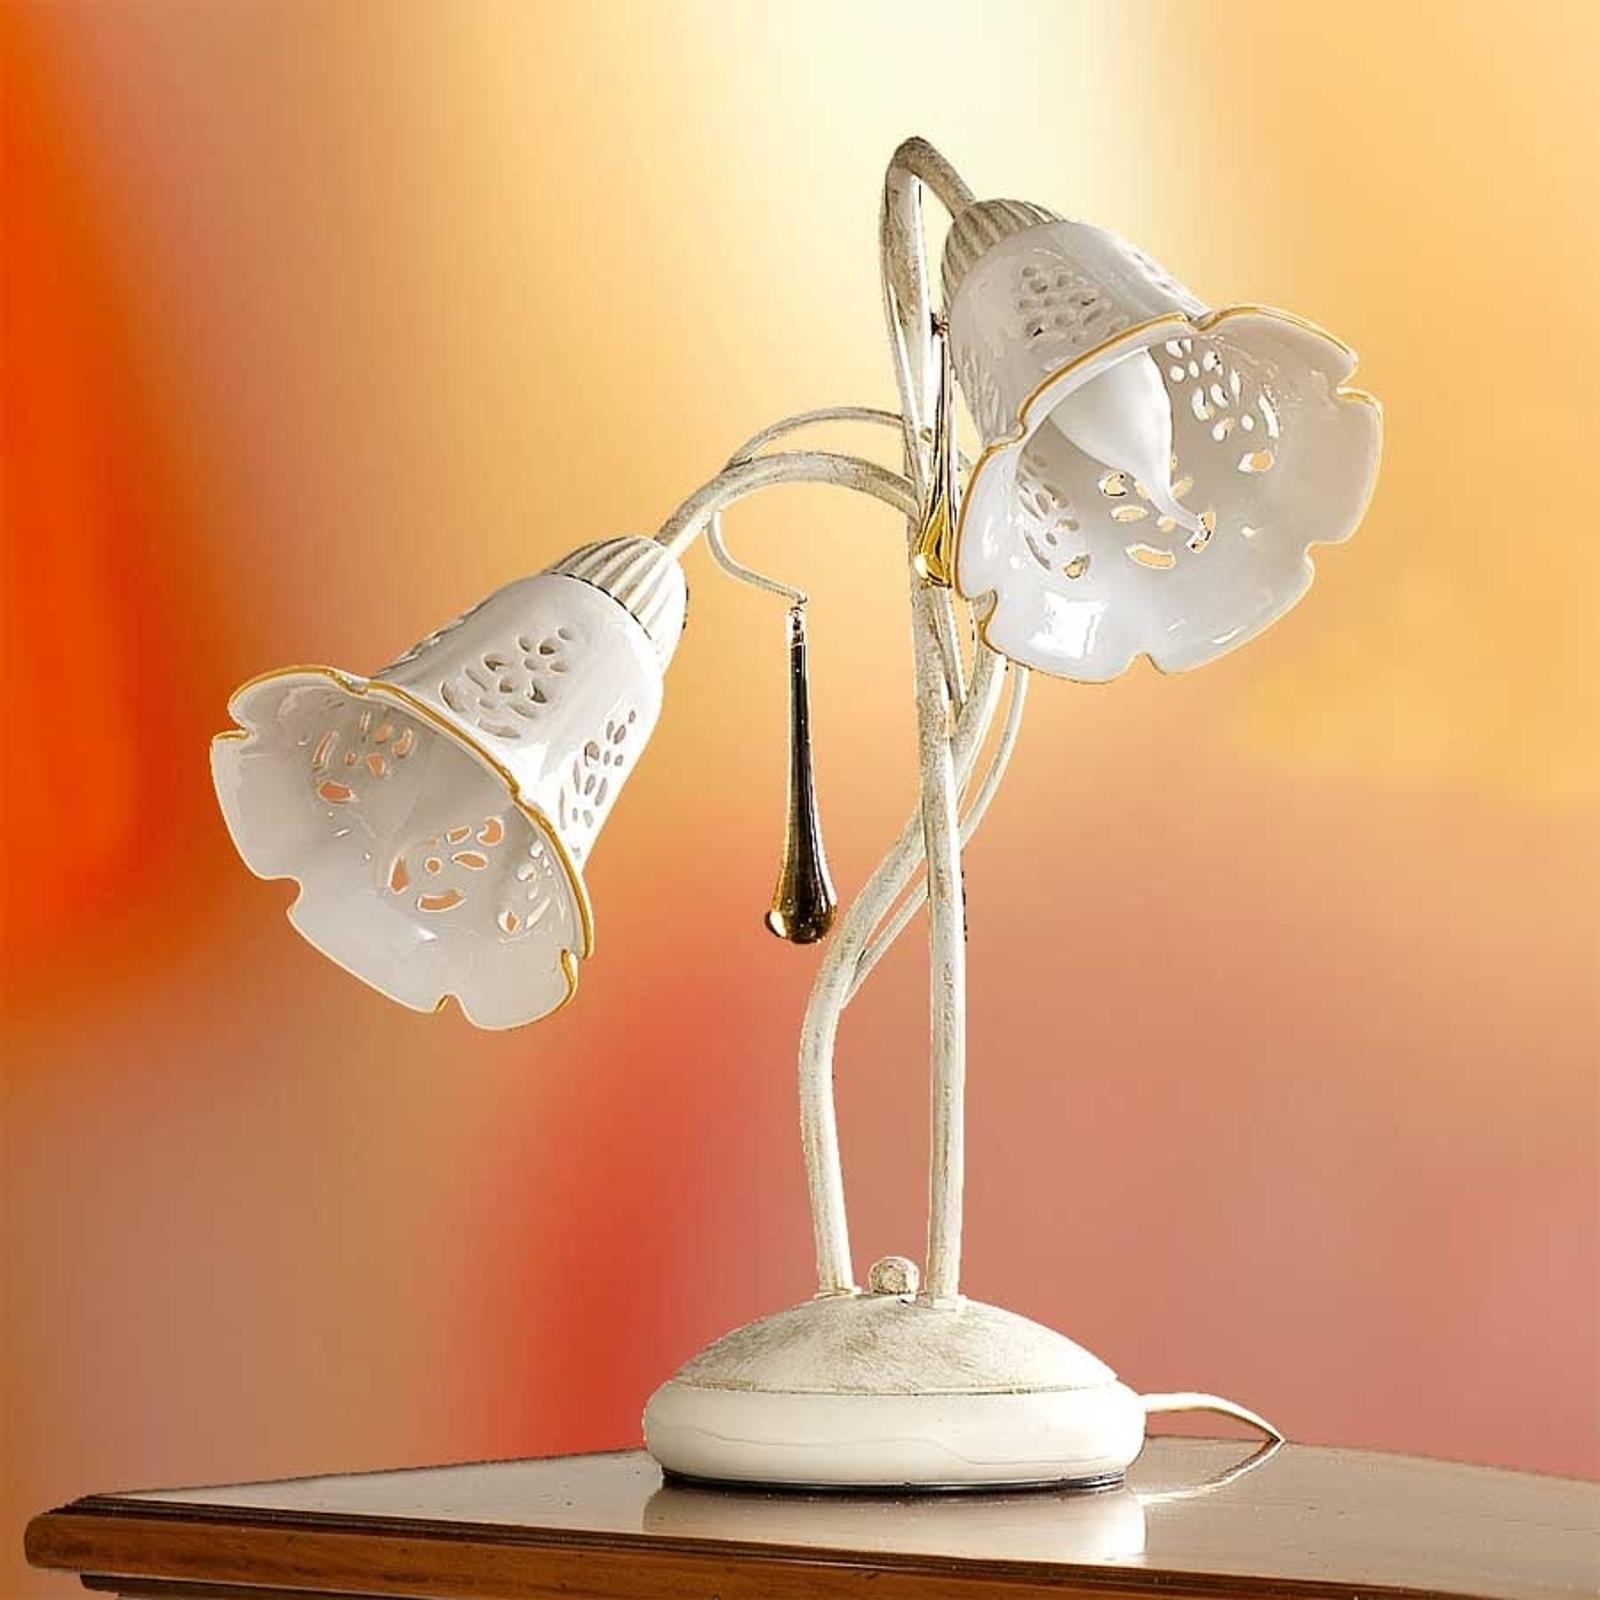 Incantevole lampada da tavolo GOCCE